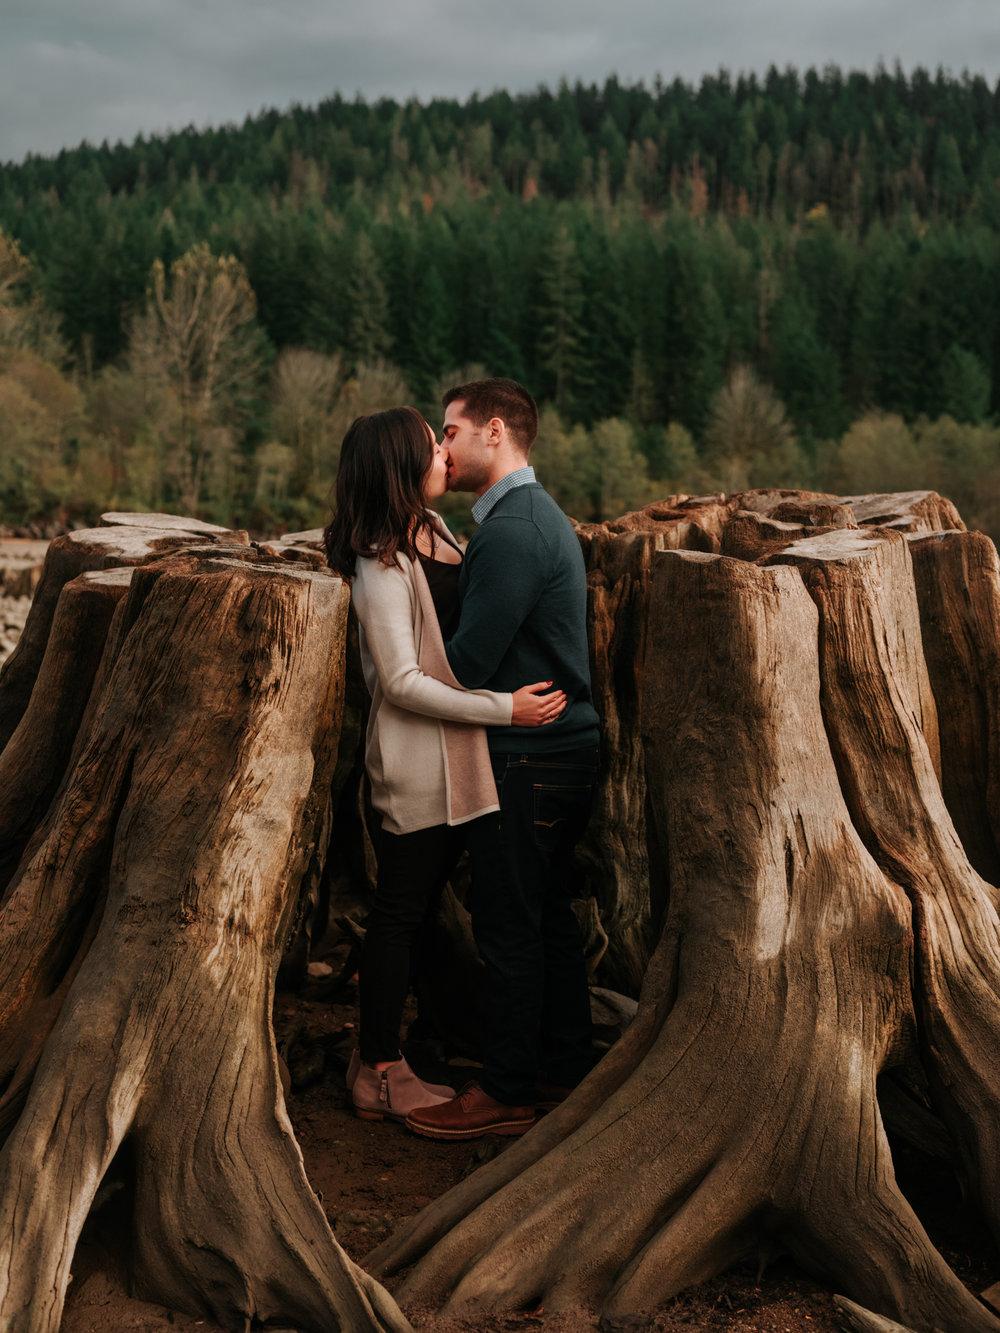 Seattle Engagement Photographer_Stolen Glimpses 49.jpg